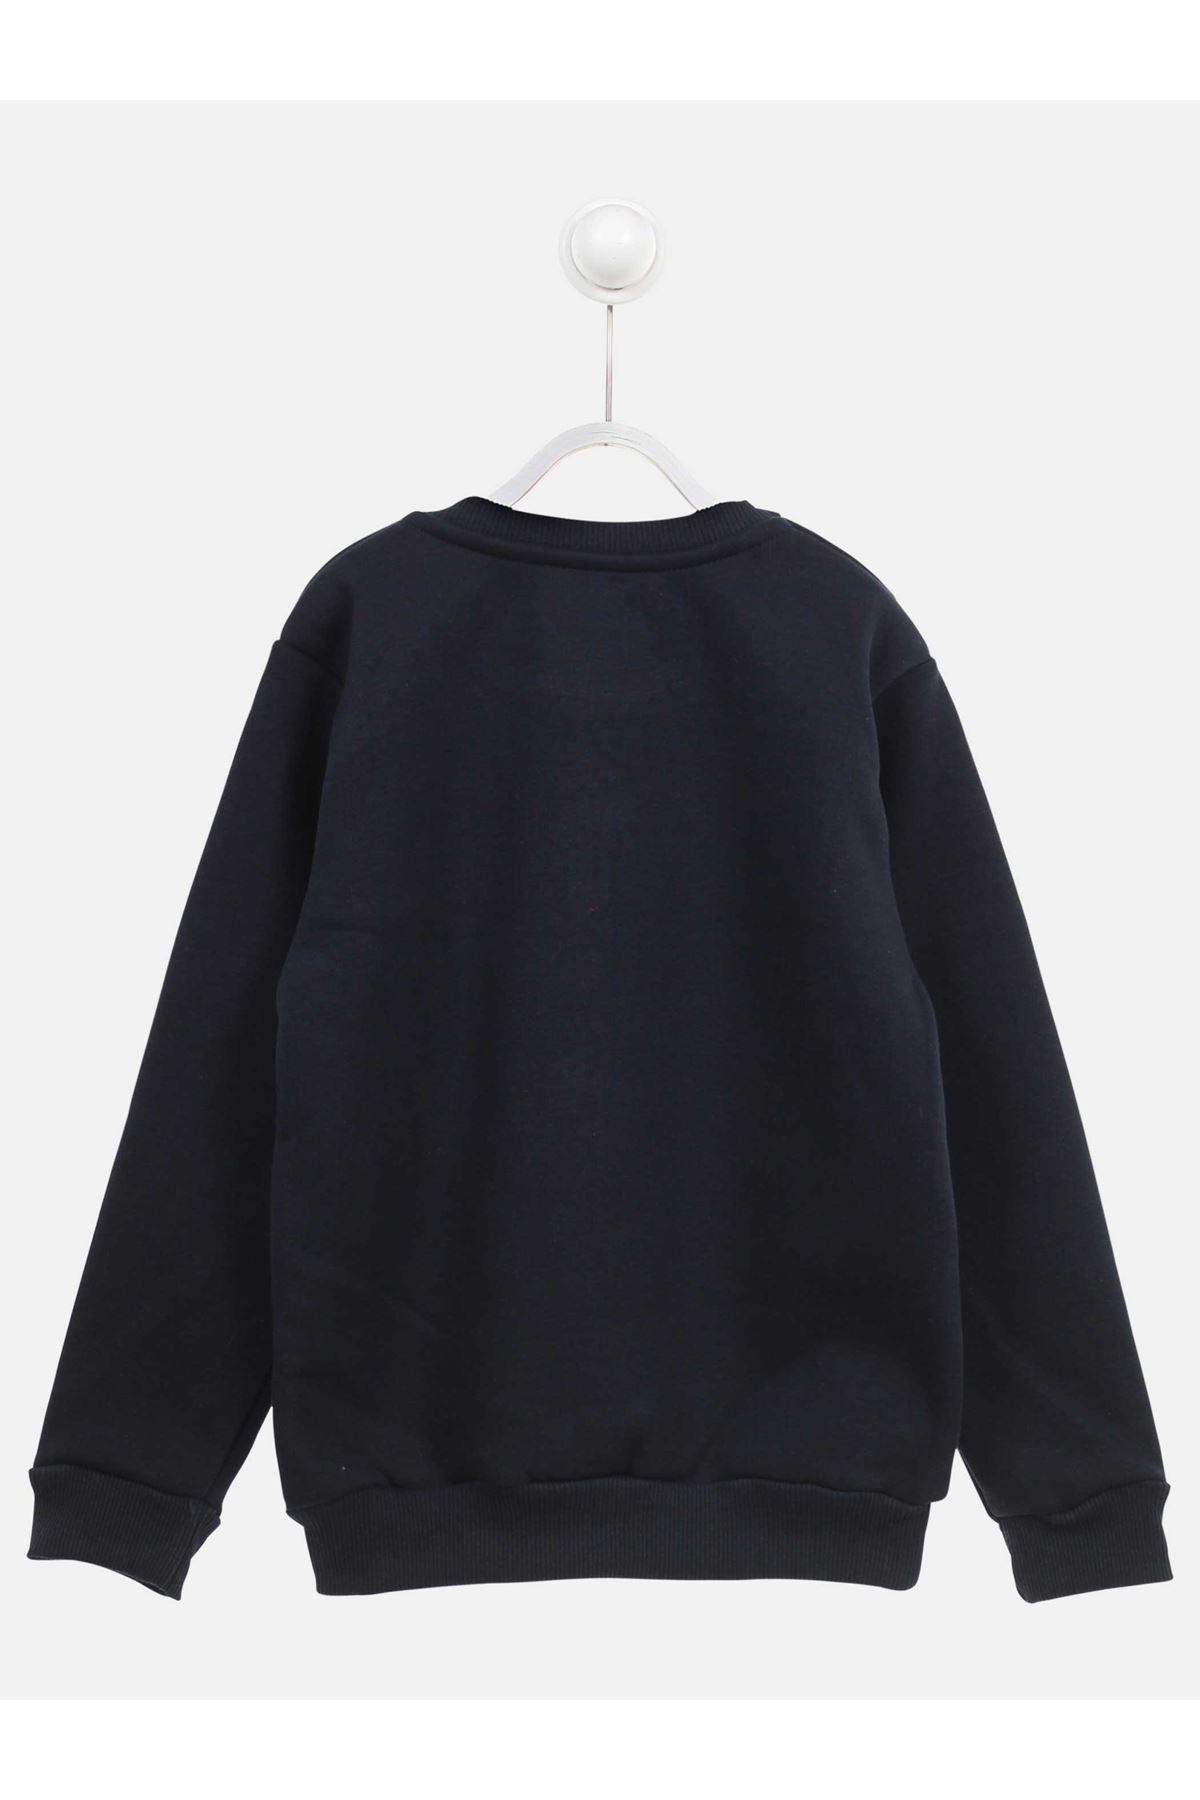 Koyu Lacivert Kışlık Erkek Çocuk Sweatshirt